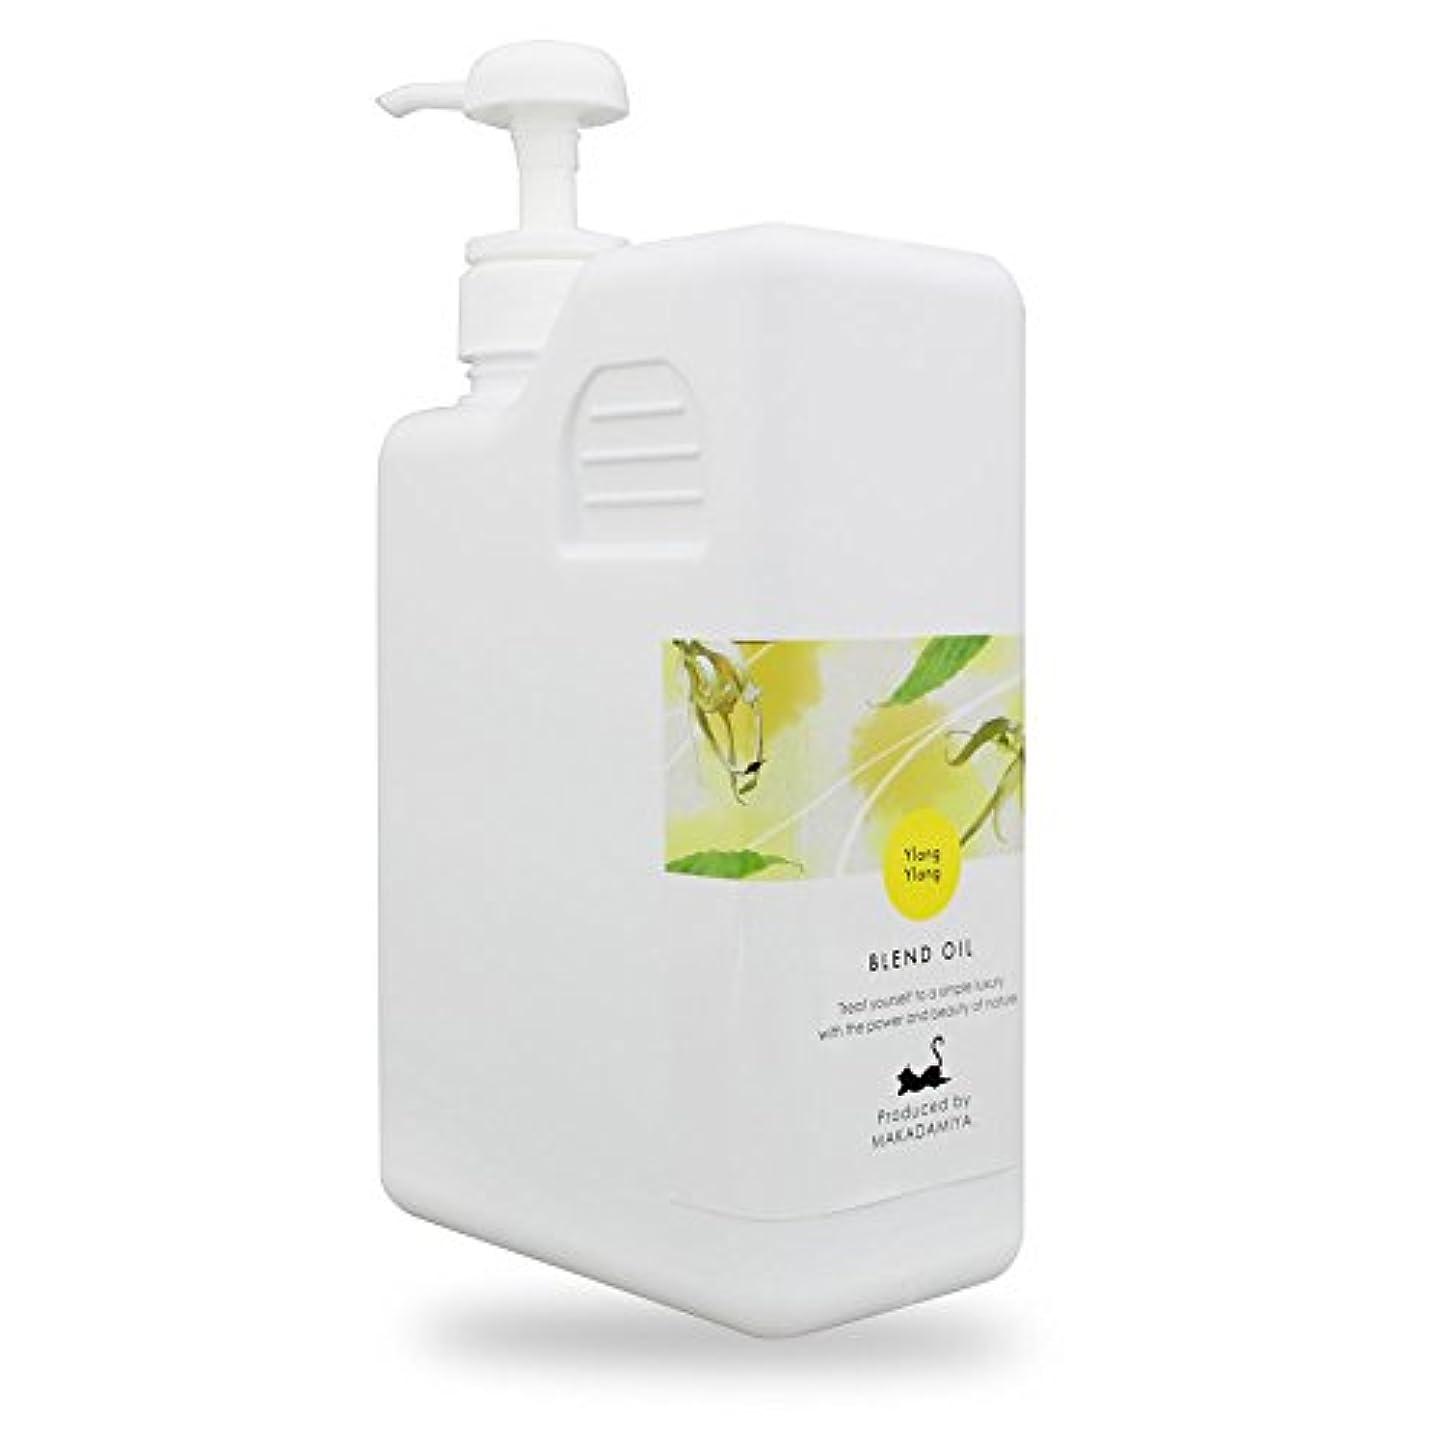 隣人民主党寝室を掃除するイランイランブレンド1000ml (ベース:ライスオイル/ポンプ付)高級サロン仕様 マッサージオイル 業務用 大容量